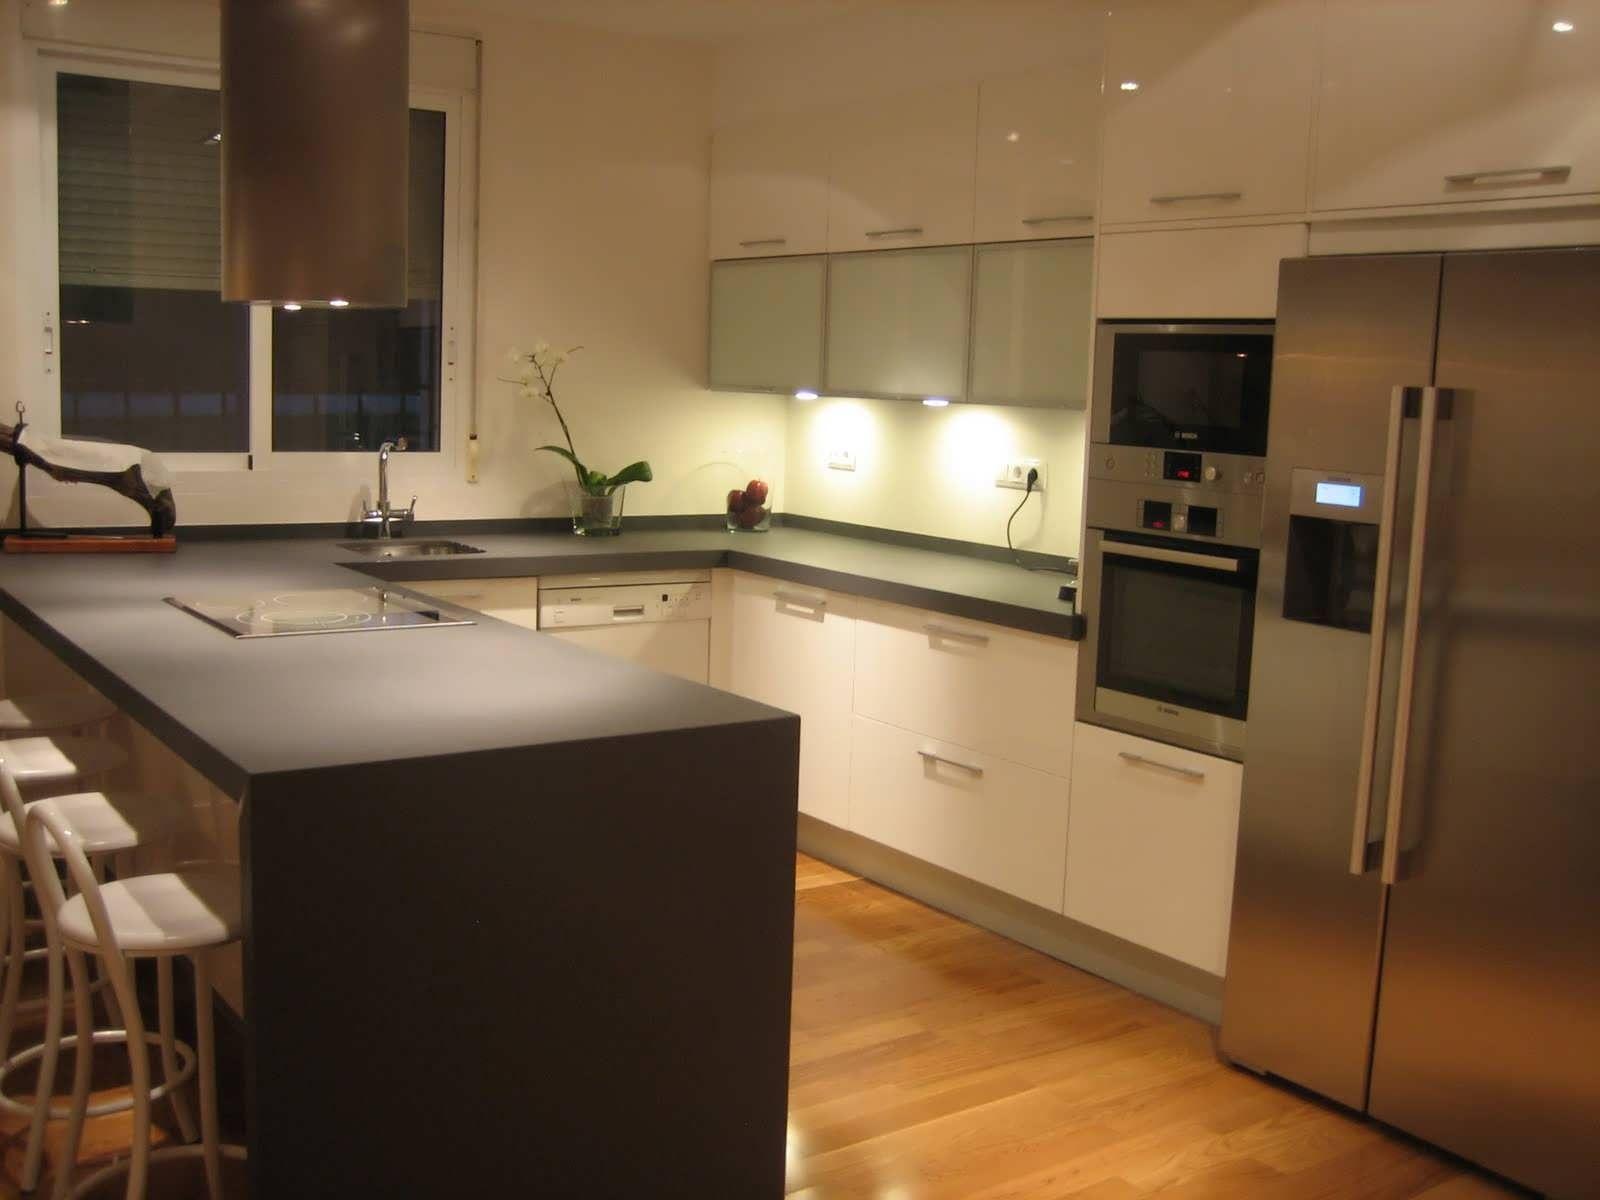 Diseño-de-cocinas-pequeñas-y-funcionales-y-diseño-de